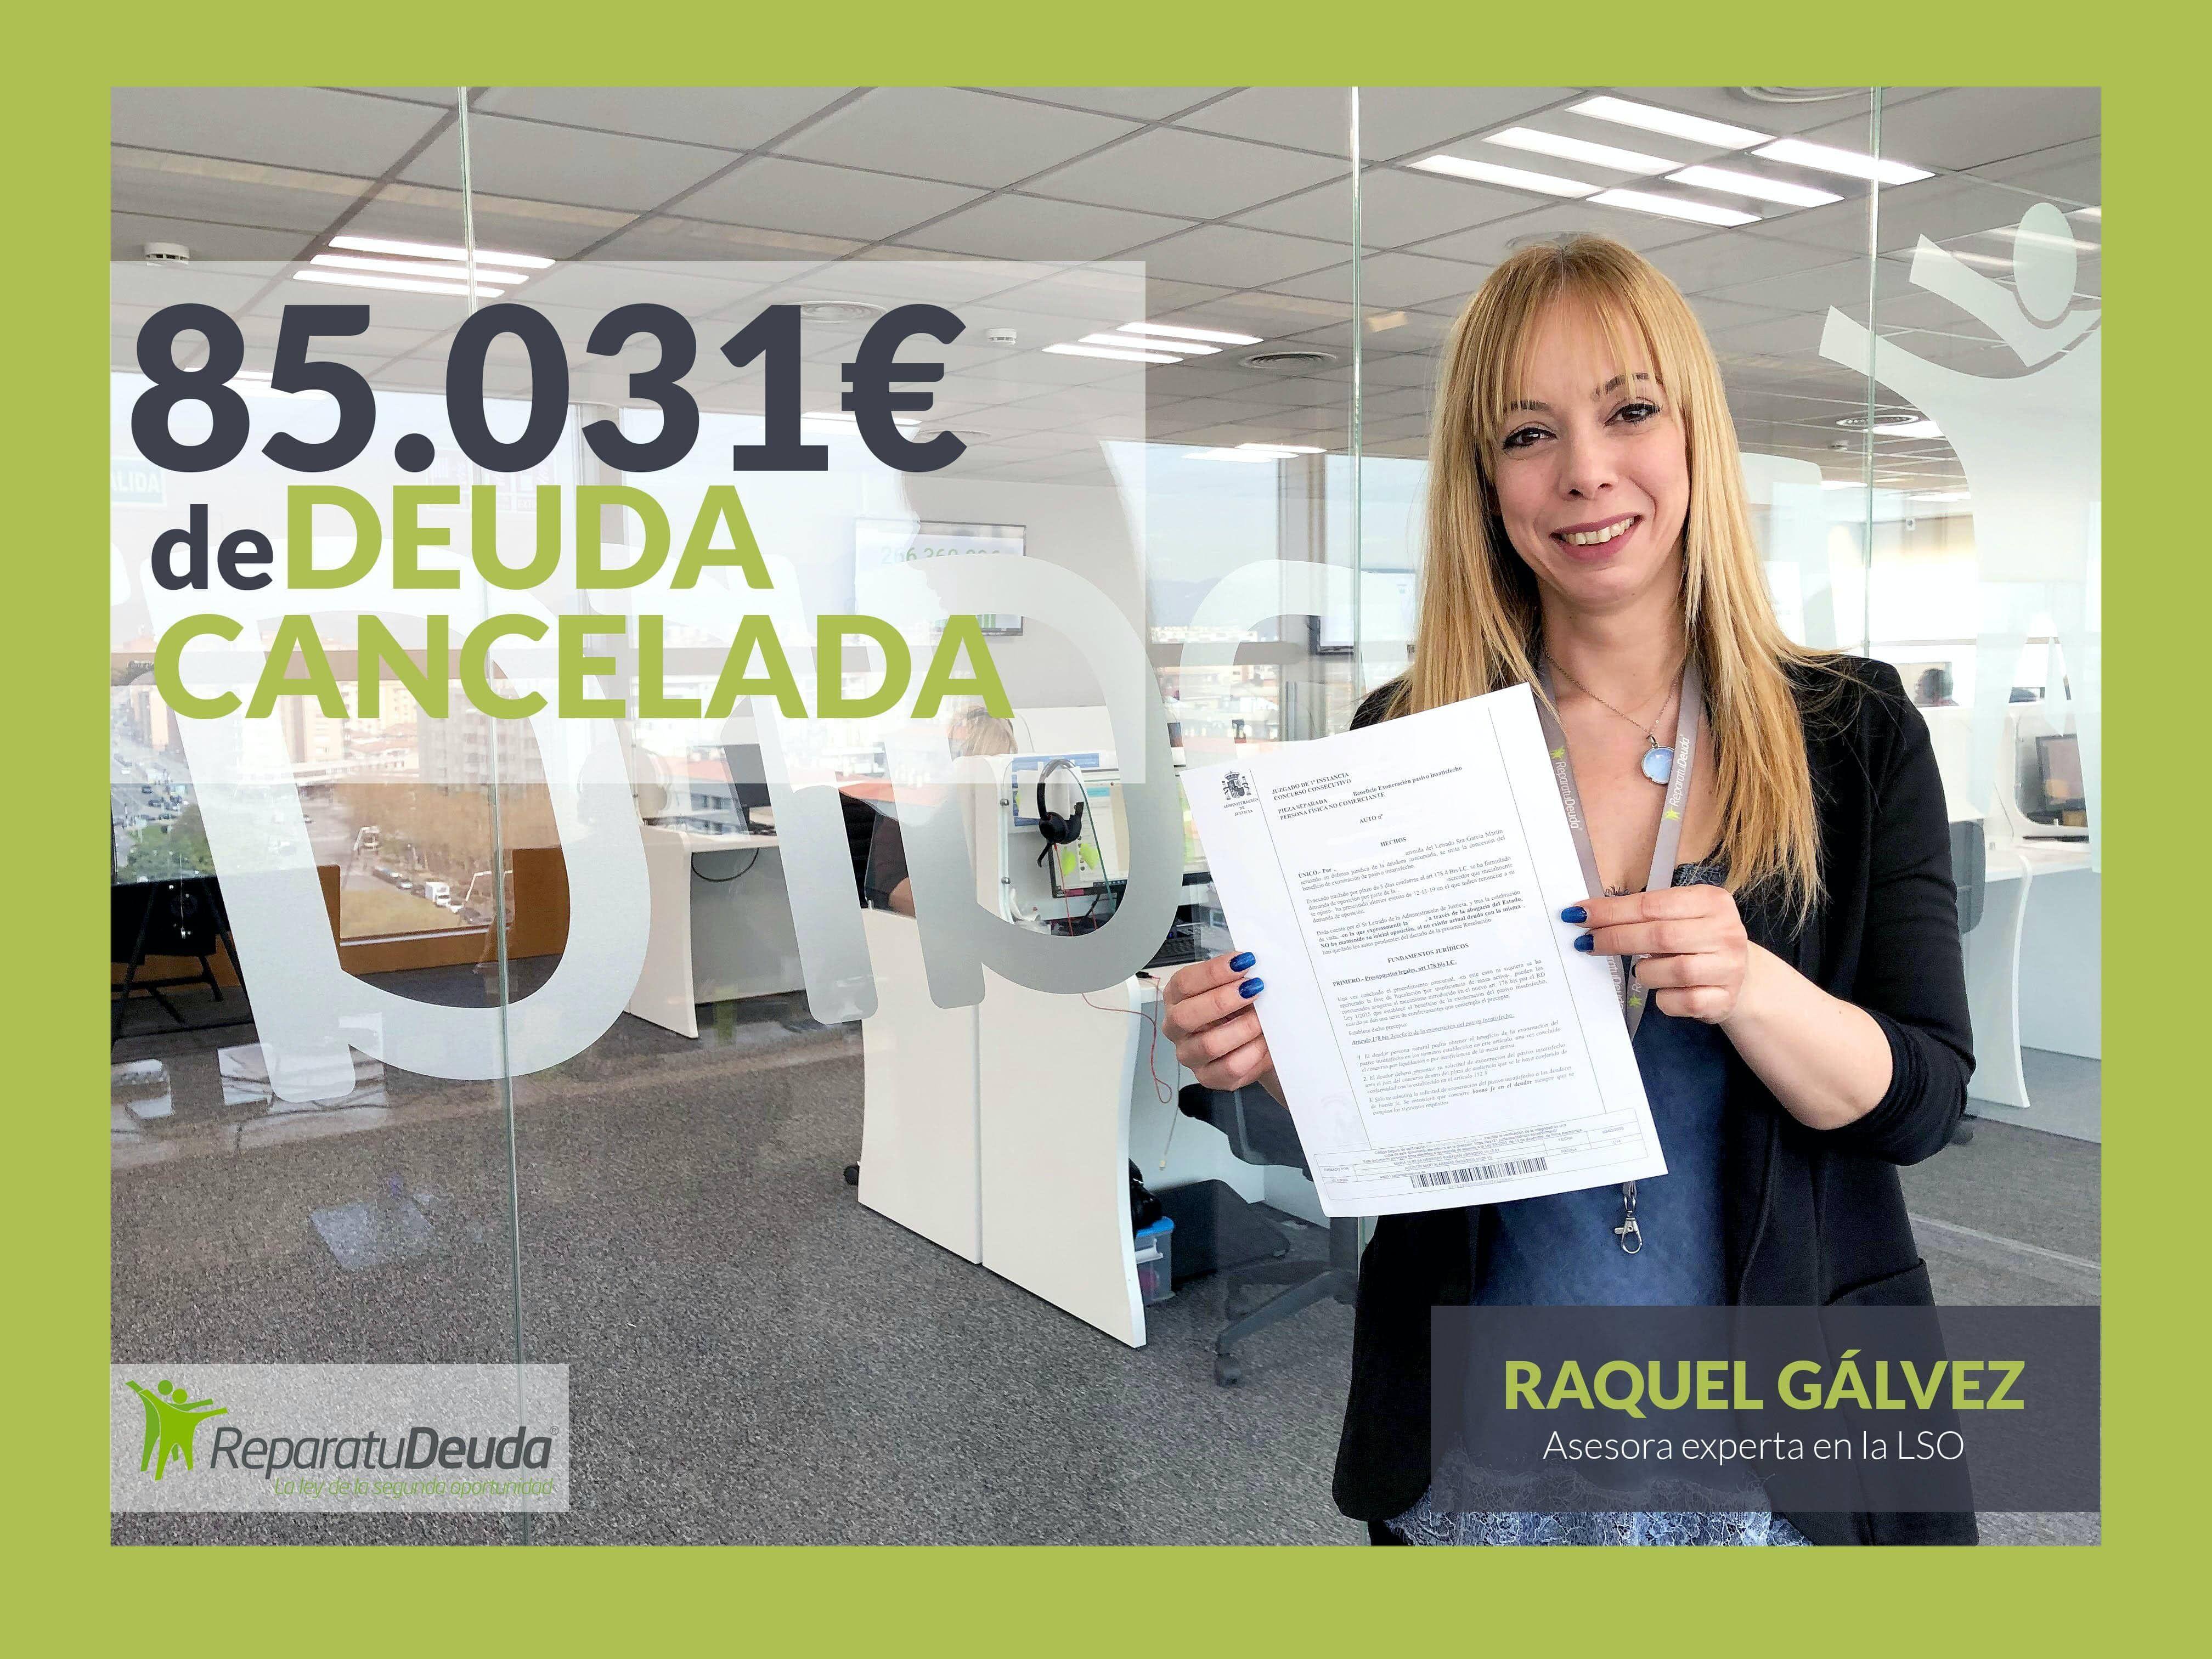 Los abogados de Repara tu deuda cancelan 85.031 ? a un matrimonio con la Ley de la Segunda Oportunidad